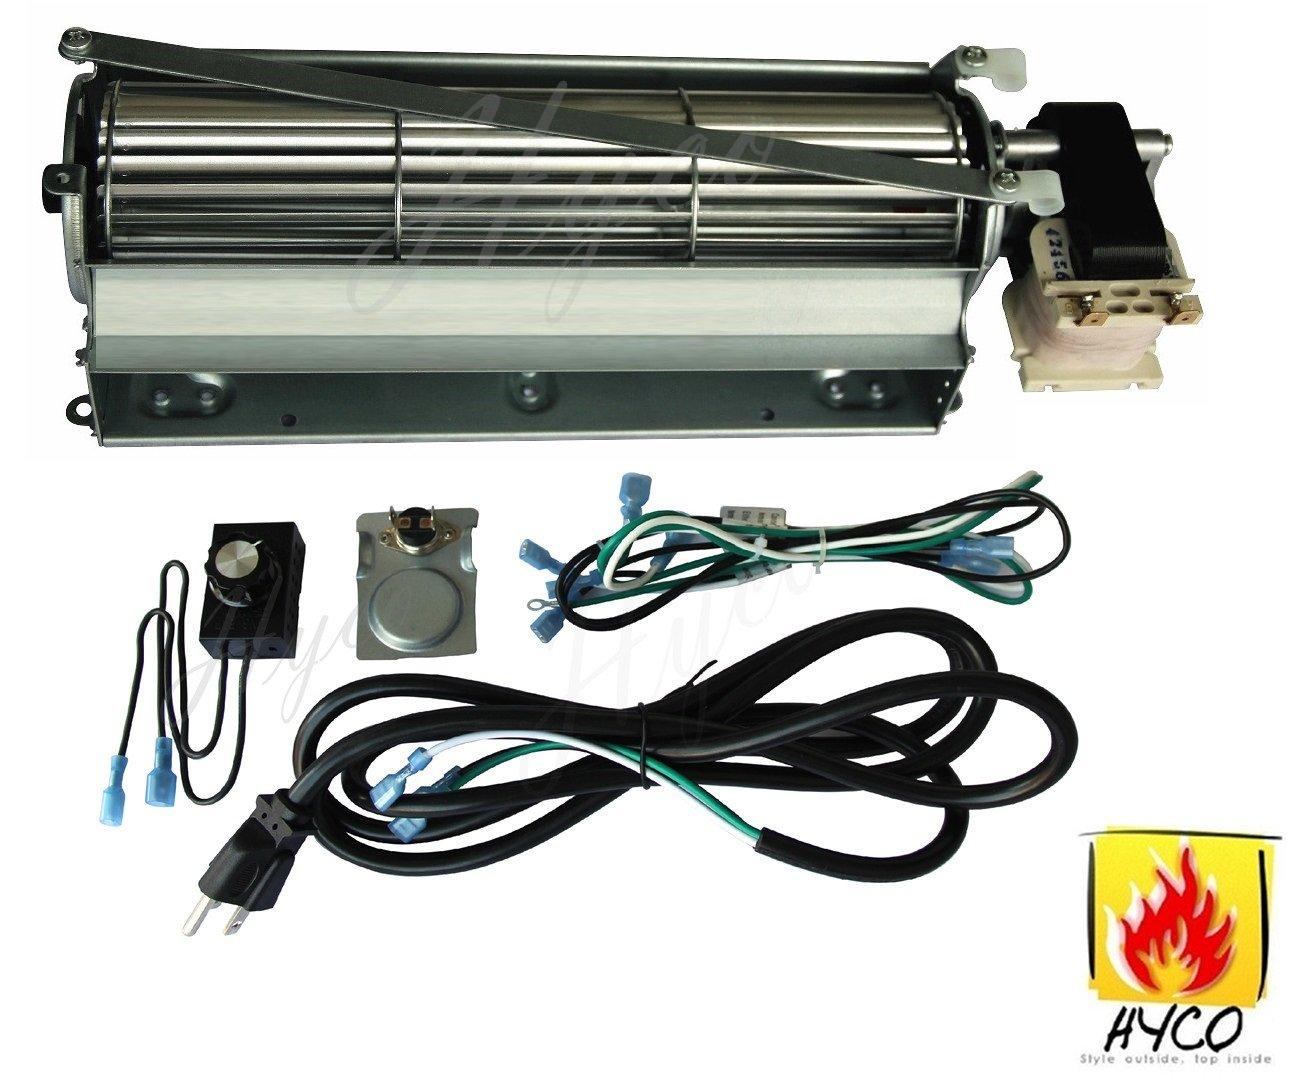 Gfk4 Gfk 4 Fireplace Blower Fan Kit Heatilator Majestic Ebay